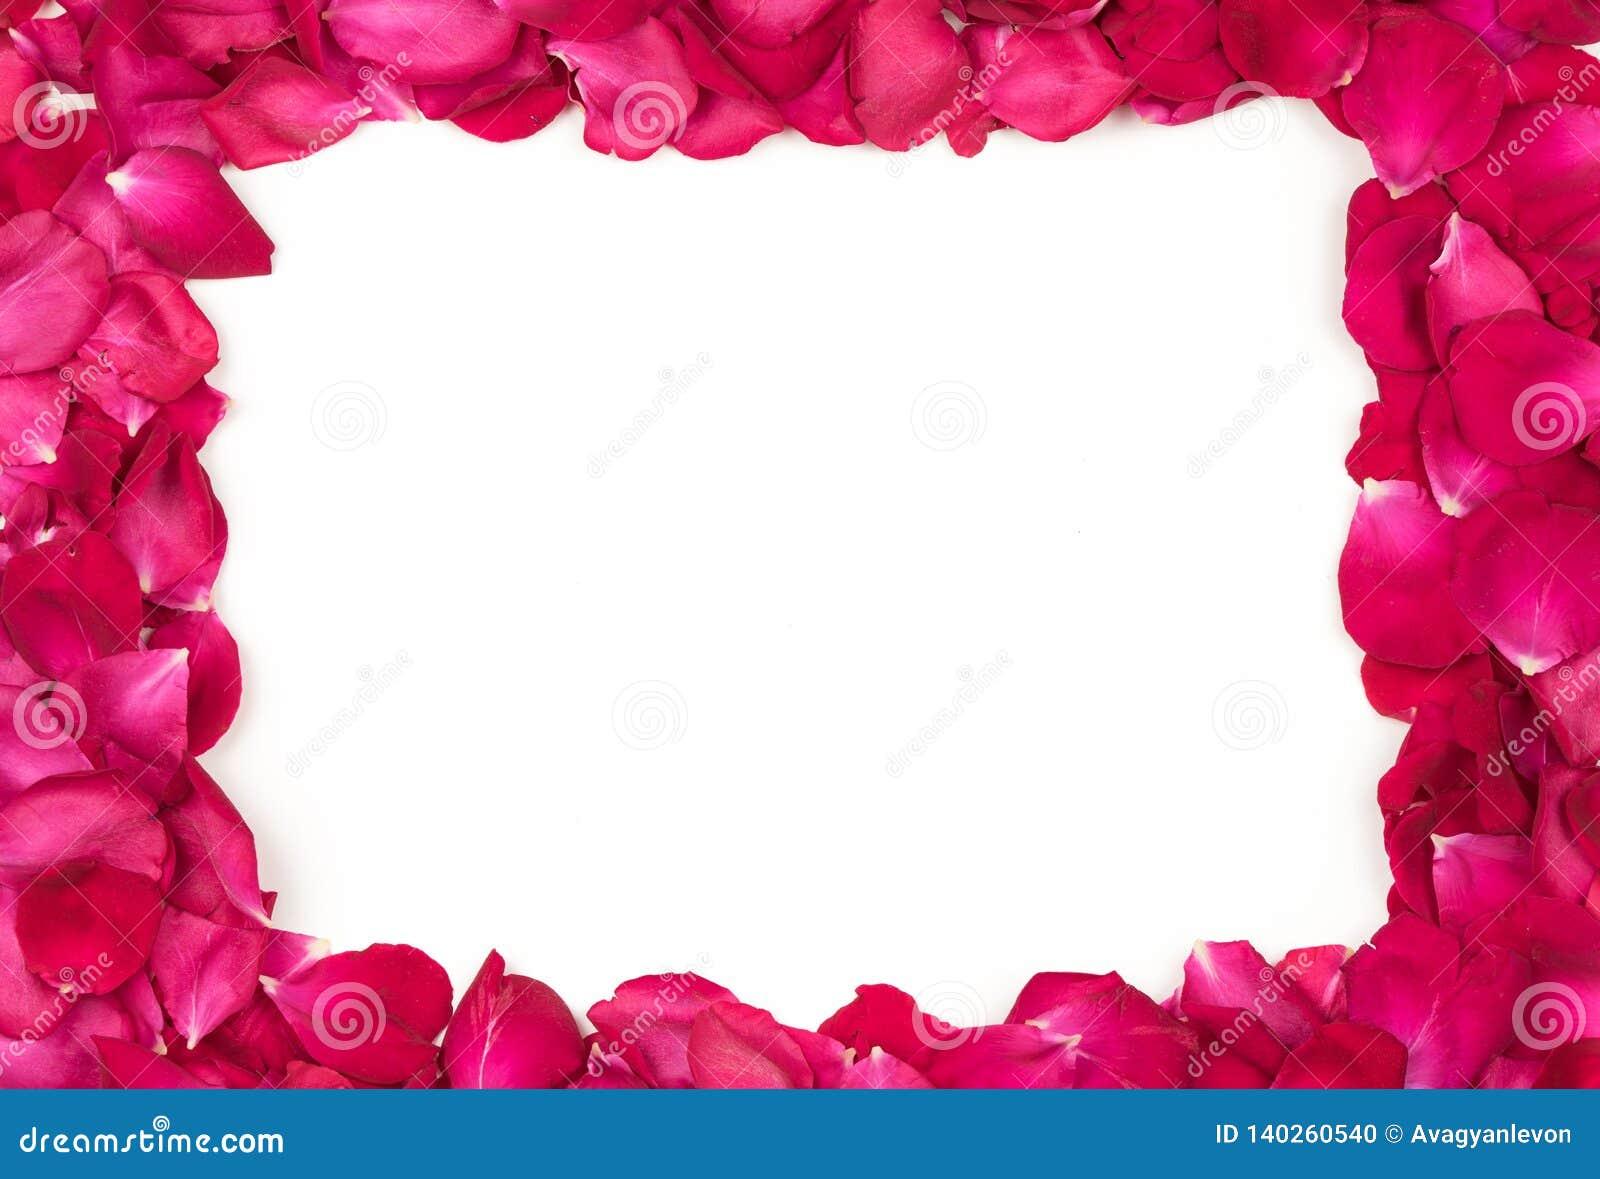 Red Rose Petals Border